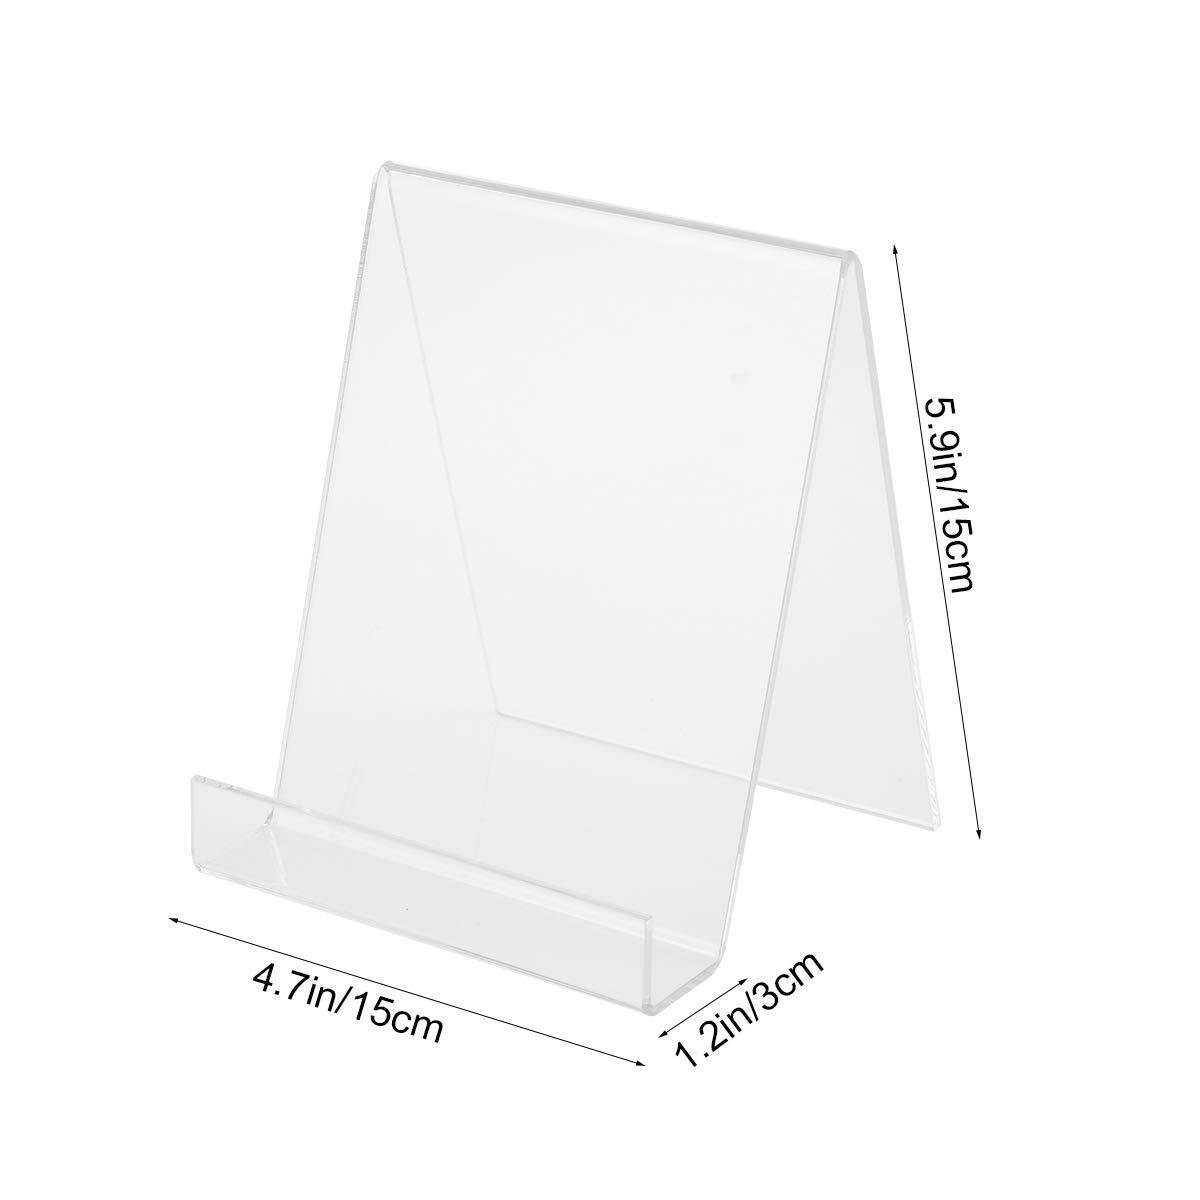 Amazon.com: Toyvian - Soporte de acrílico transparente para ...